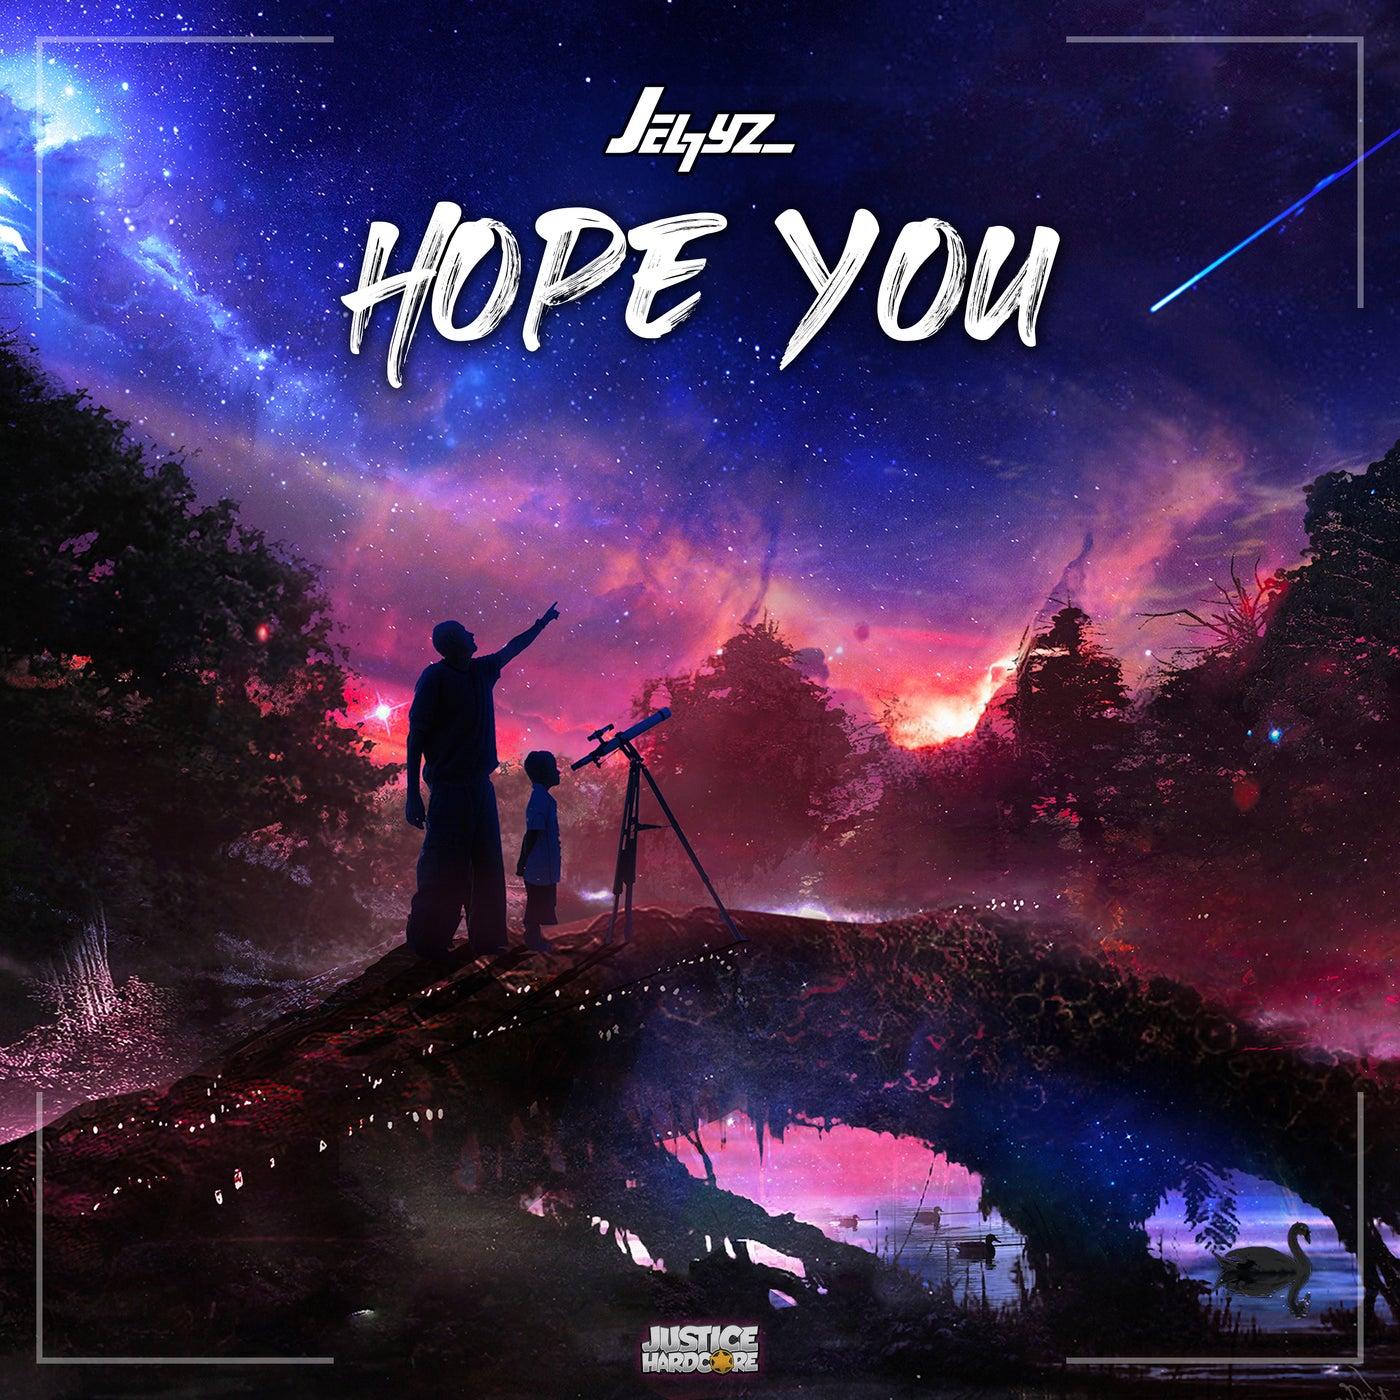 Hope You (Original Mix)